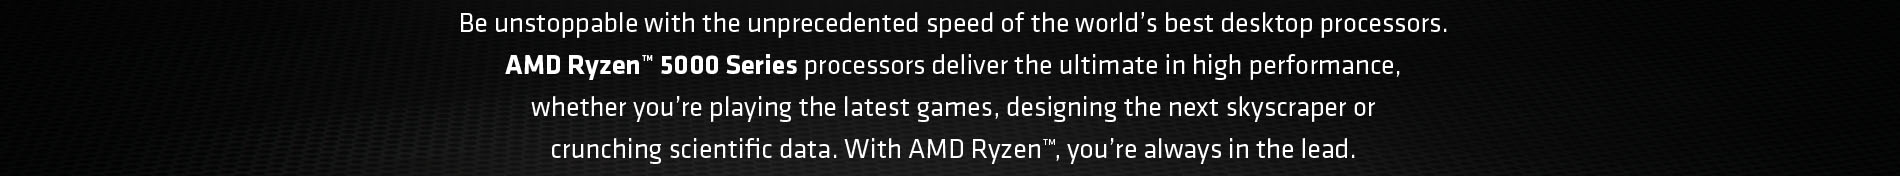 AMD Ryzen5thgen Text